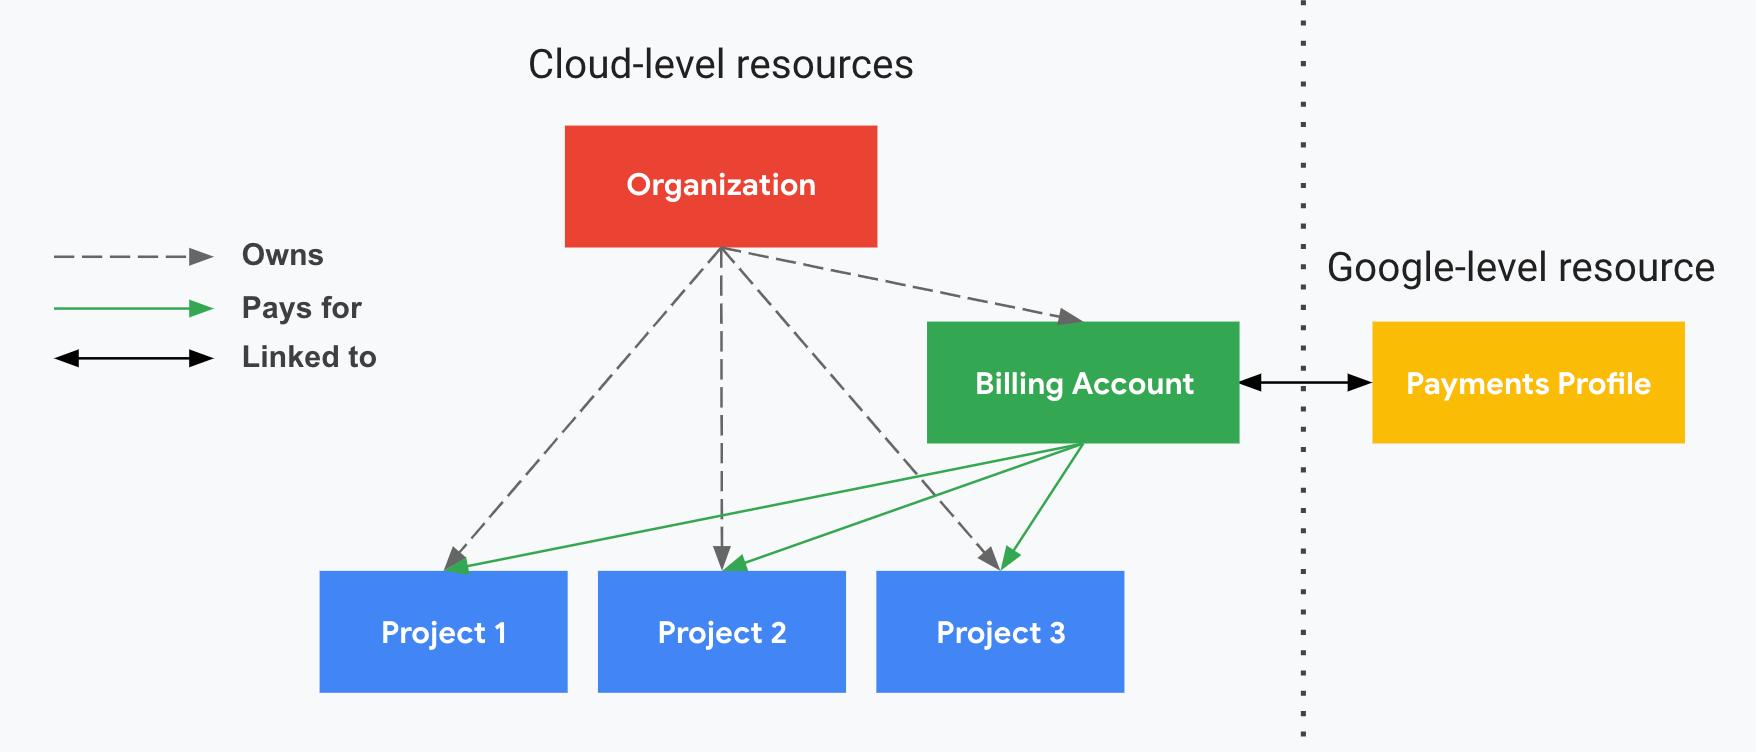 プロジェクトが Cloud Billing とお支払いプロファイルとどのように関連しているかを示します。片方にはクラウドレベルのリソース(Cloud 請求先アカウントと関連付けられたプロジェクト)が表示され、もう片方には縦の破線で区切られた Google レベルのリソース(お支払いプロファイル)が表示されます。プロジェクトでは、お支払いプロファイルにリンクされている Cloud 請求先アカウントに対して支払われます。